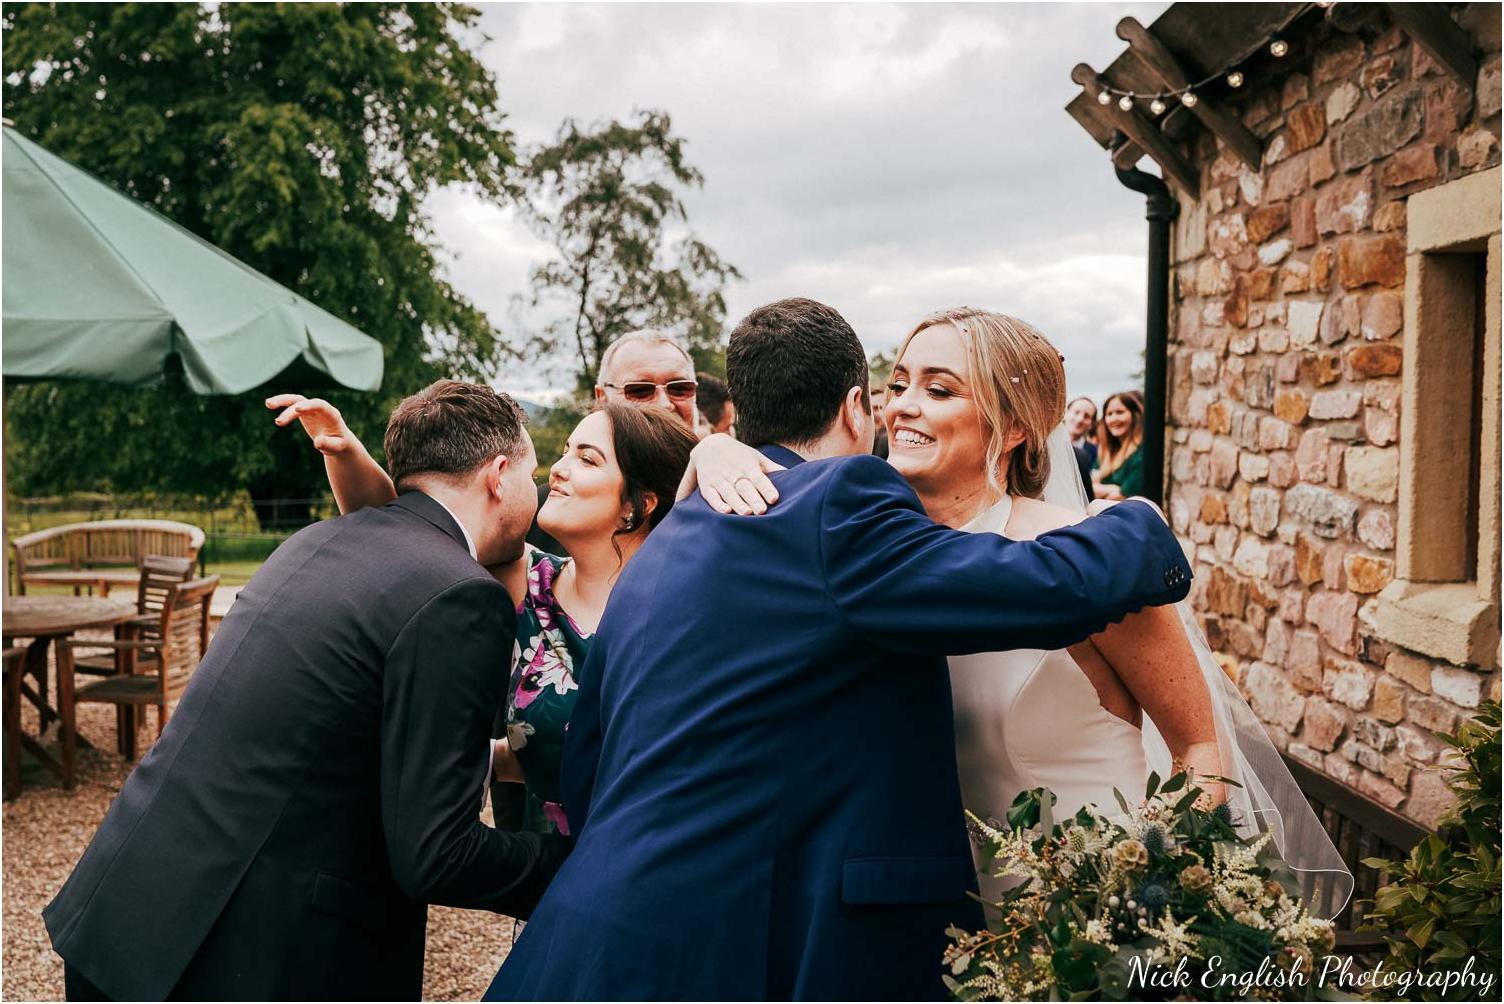 Browsholme_Hall_Wedding_Photograph-115.jpg